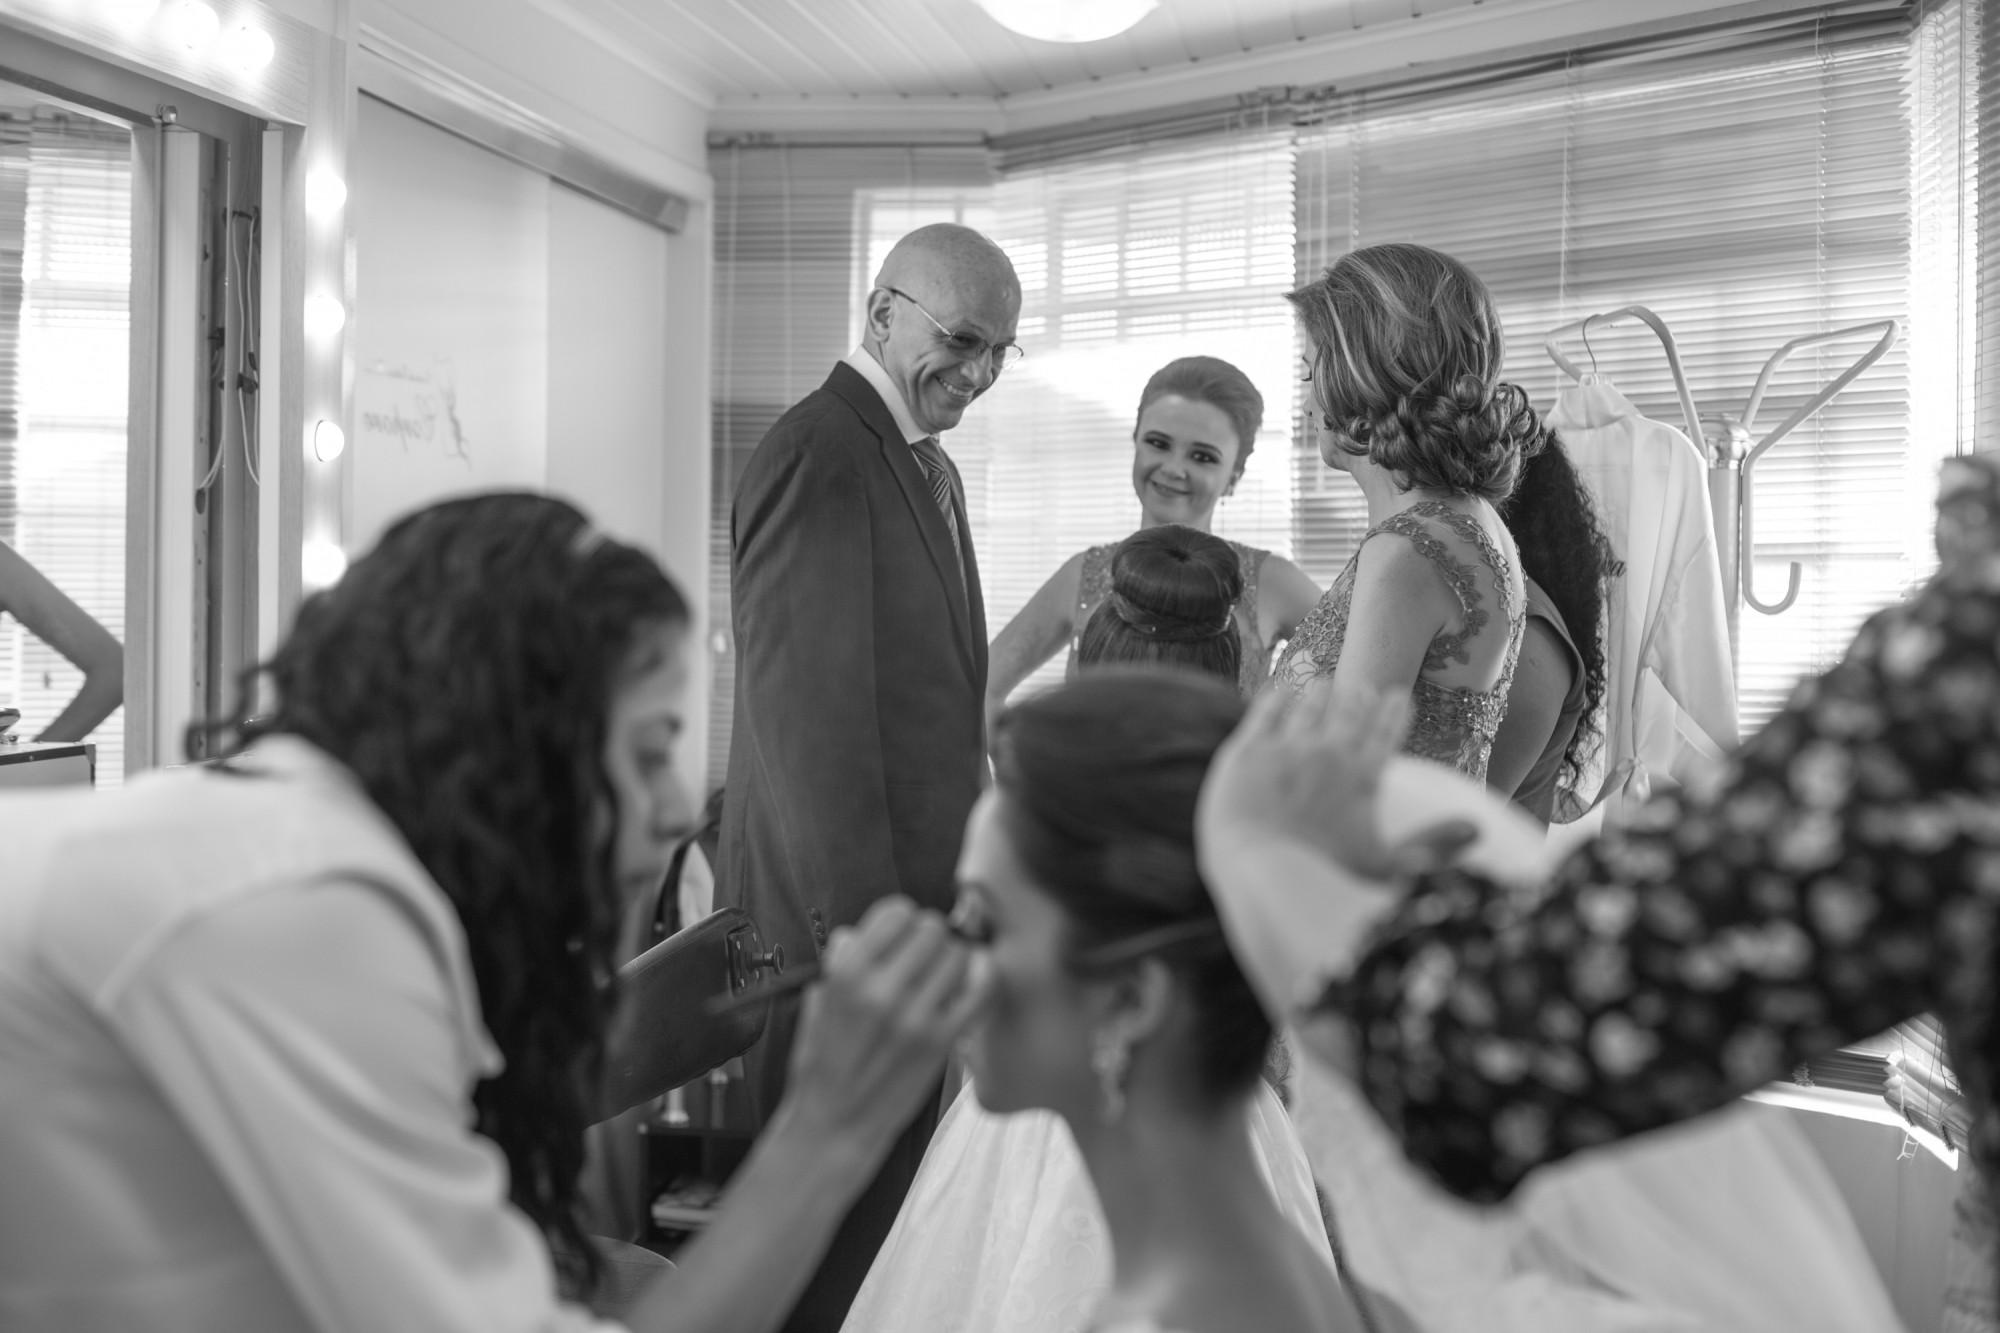 Maiara Kuki e Ricardo - Casamento em Palotina - PR por Lorran Souza e Léia Sotile - fotografo de casamentos00006